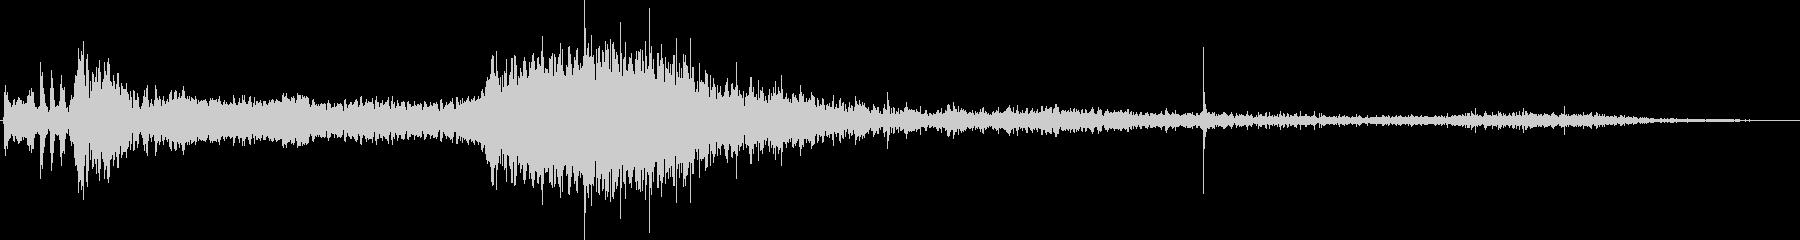 ハマーH2 Suv:内線:スタート...の未再生の波形